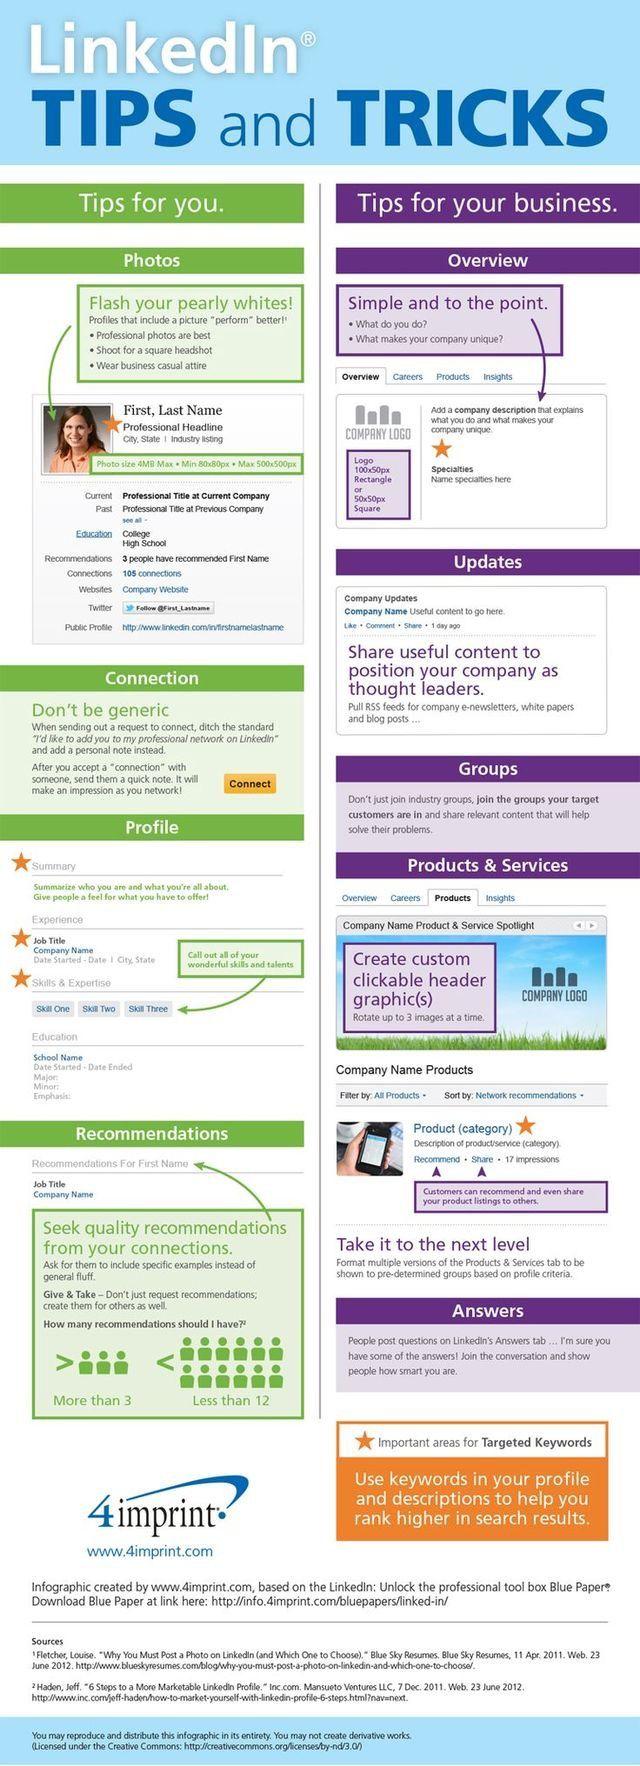 Pin von JCodd auf Successful Social Media Tips Karrieretipps